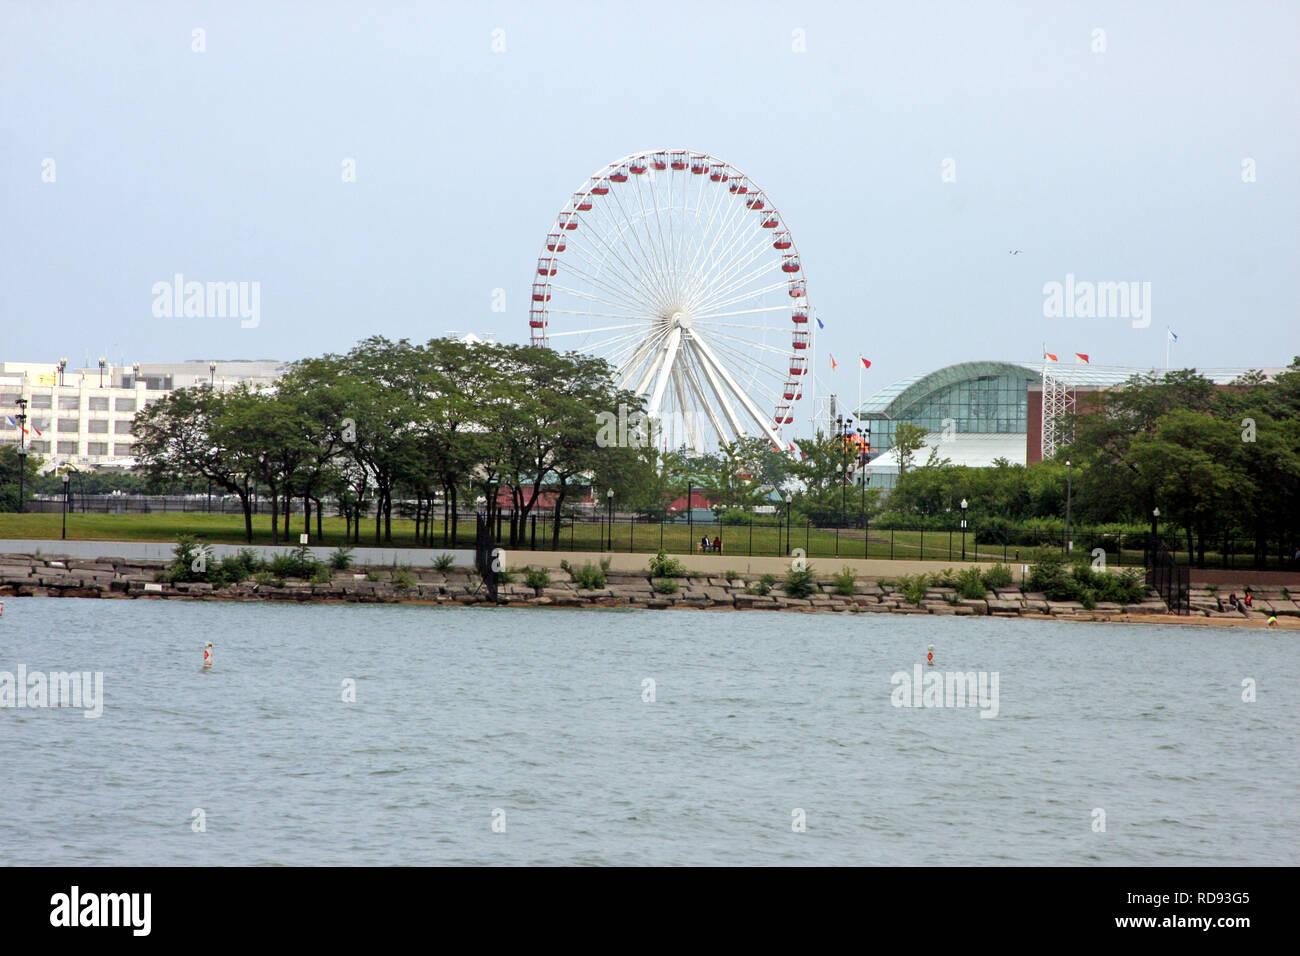 Blick auf das Riesenrad vom Navy Pier in Chicago, IL, USA Stockfoto